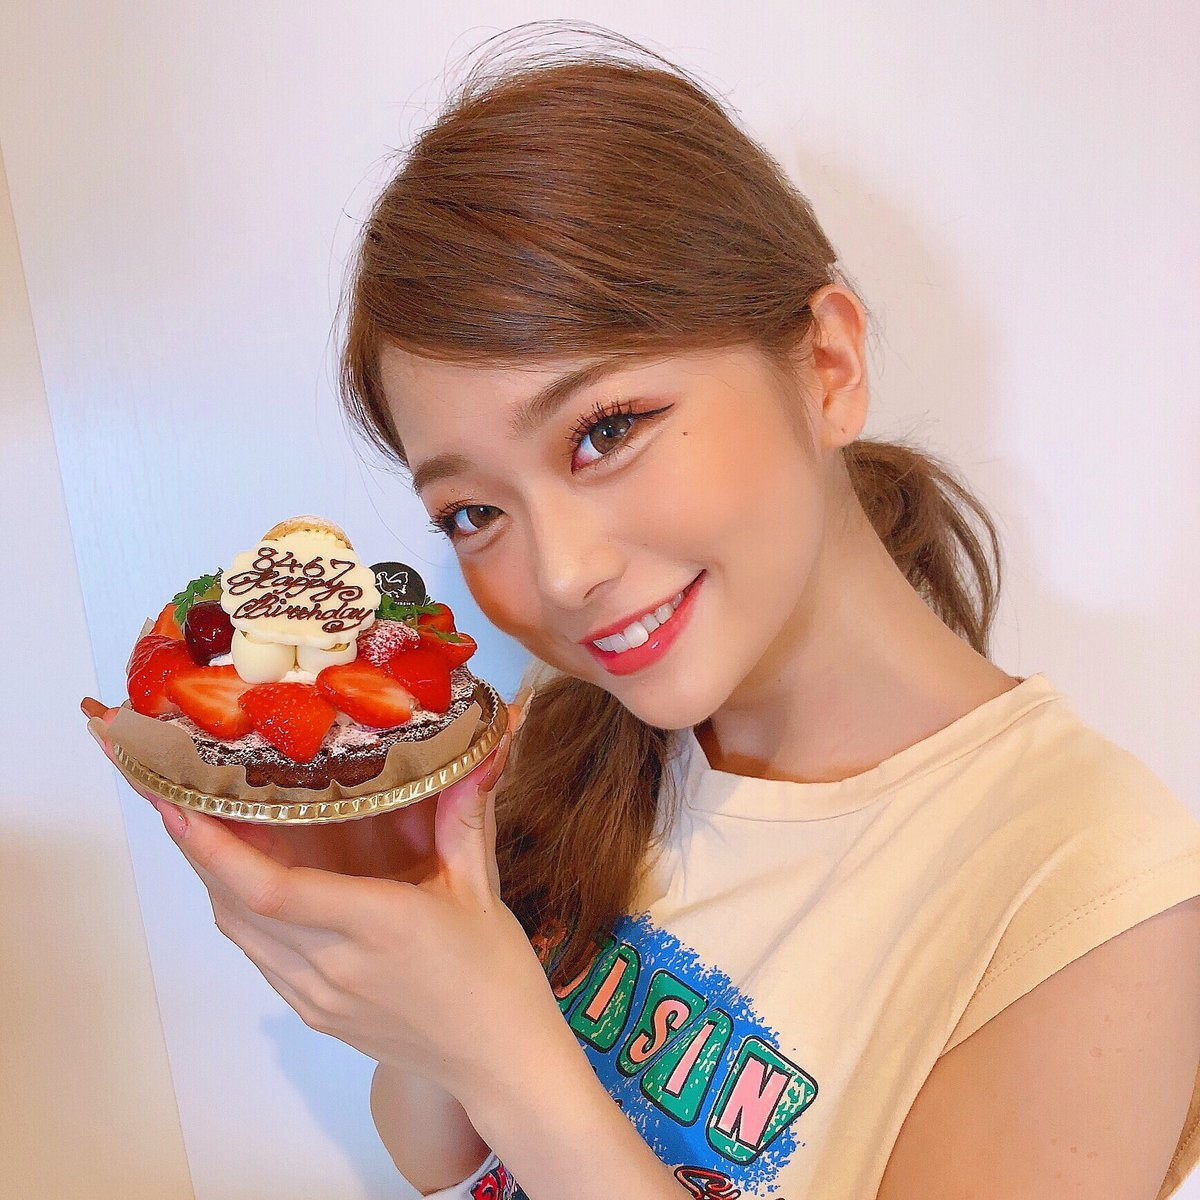 誕生日お祝いしてくれた皆様ありがとうございます💛幸せな誕生日になりまひた!